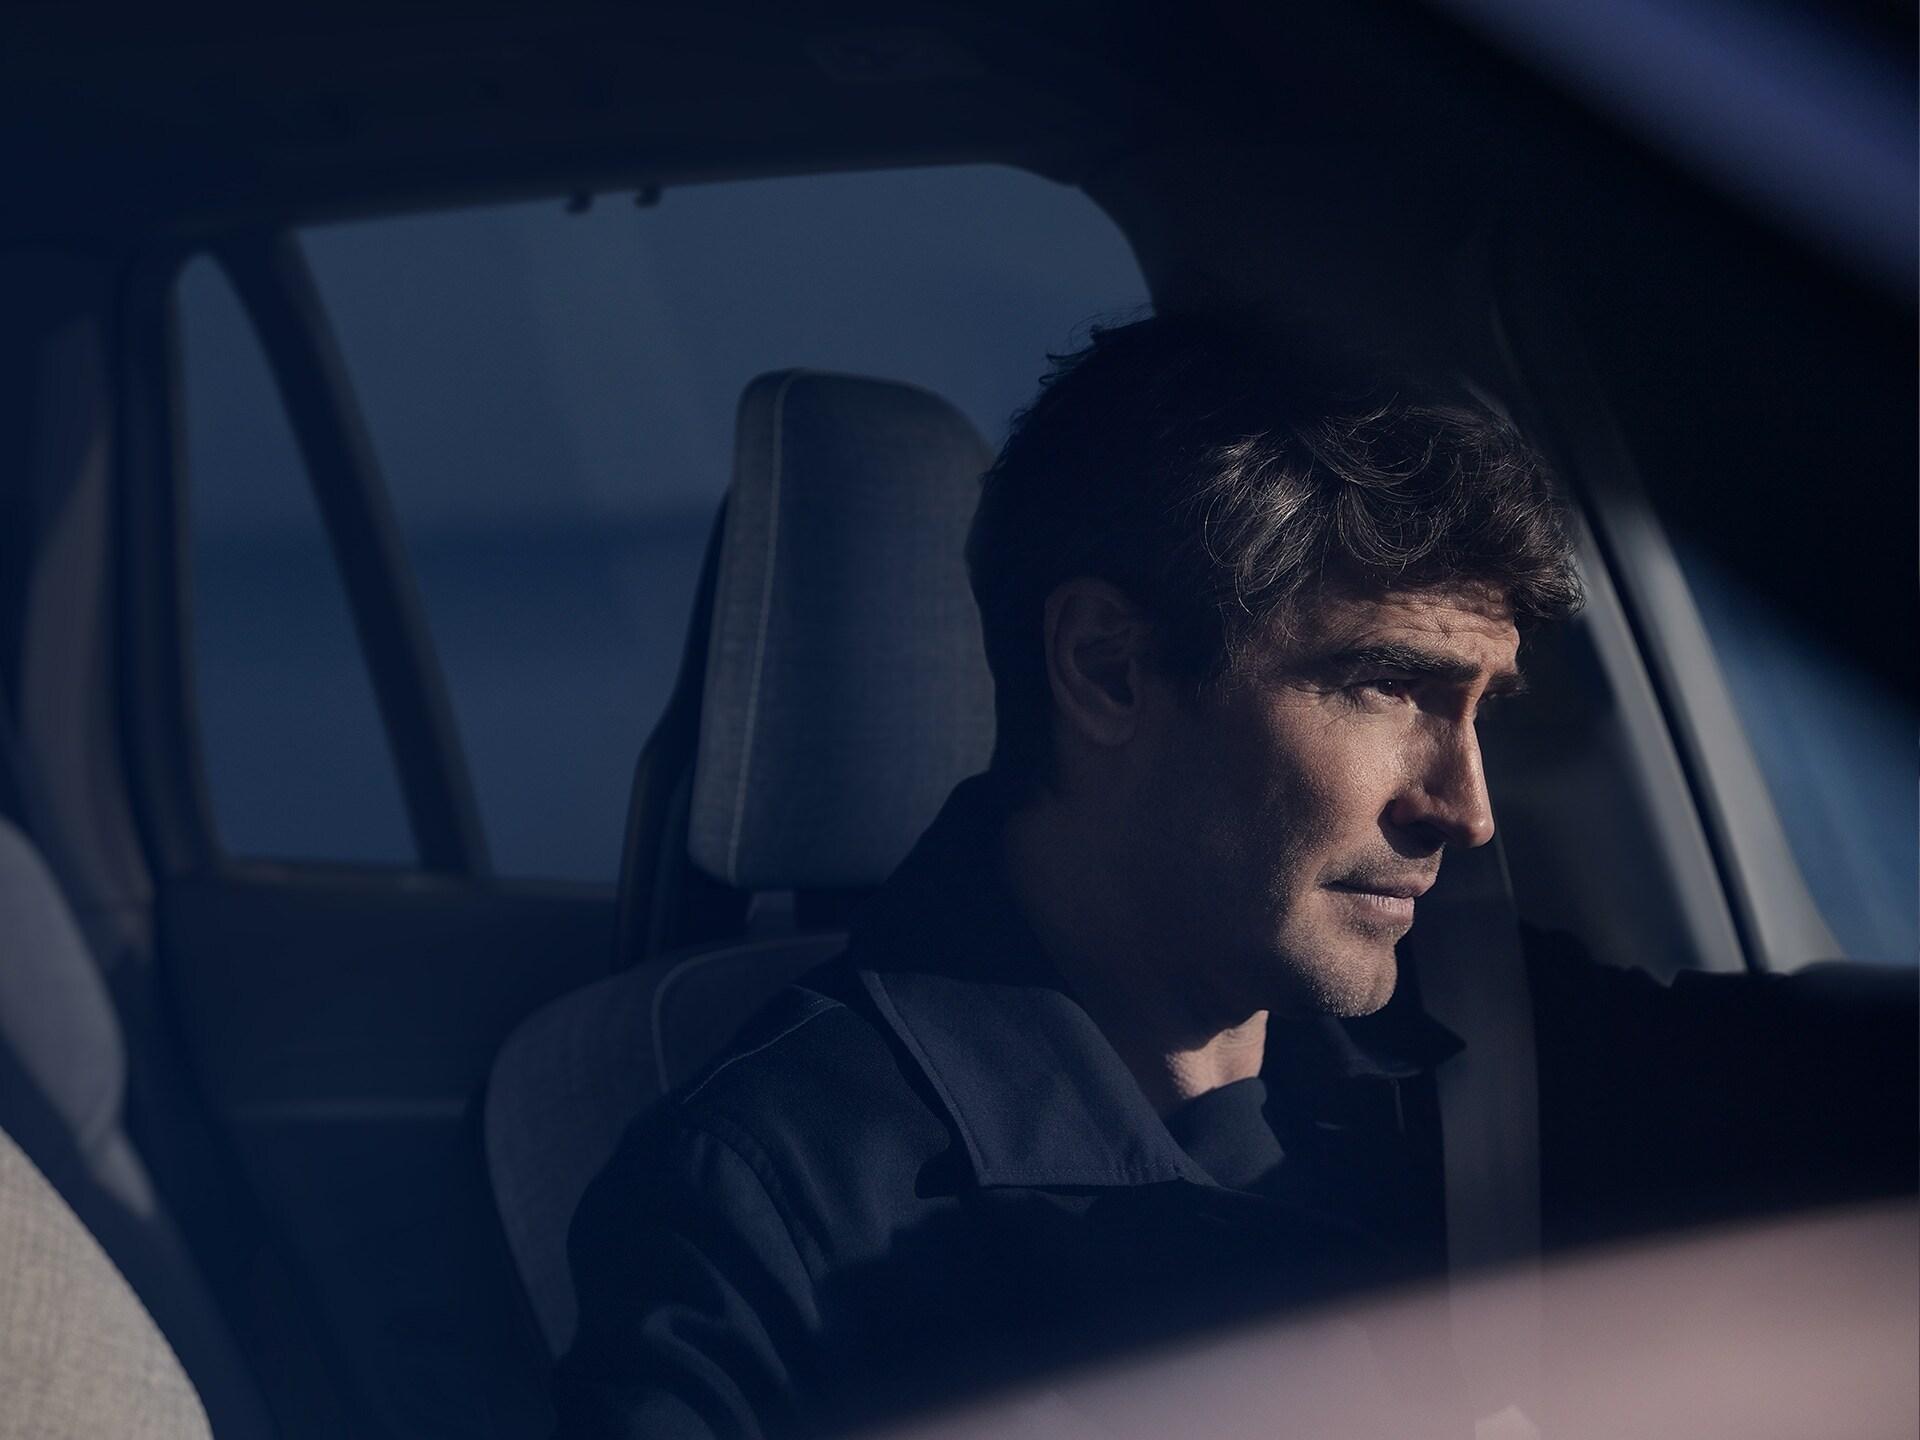 Um homem moreno está sentado num Volvo XC90 Recharge com o sol no rosto